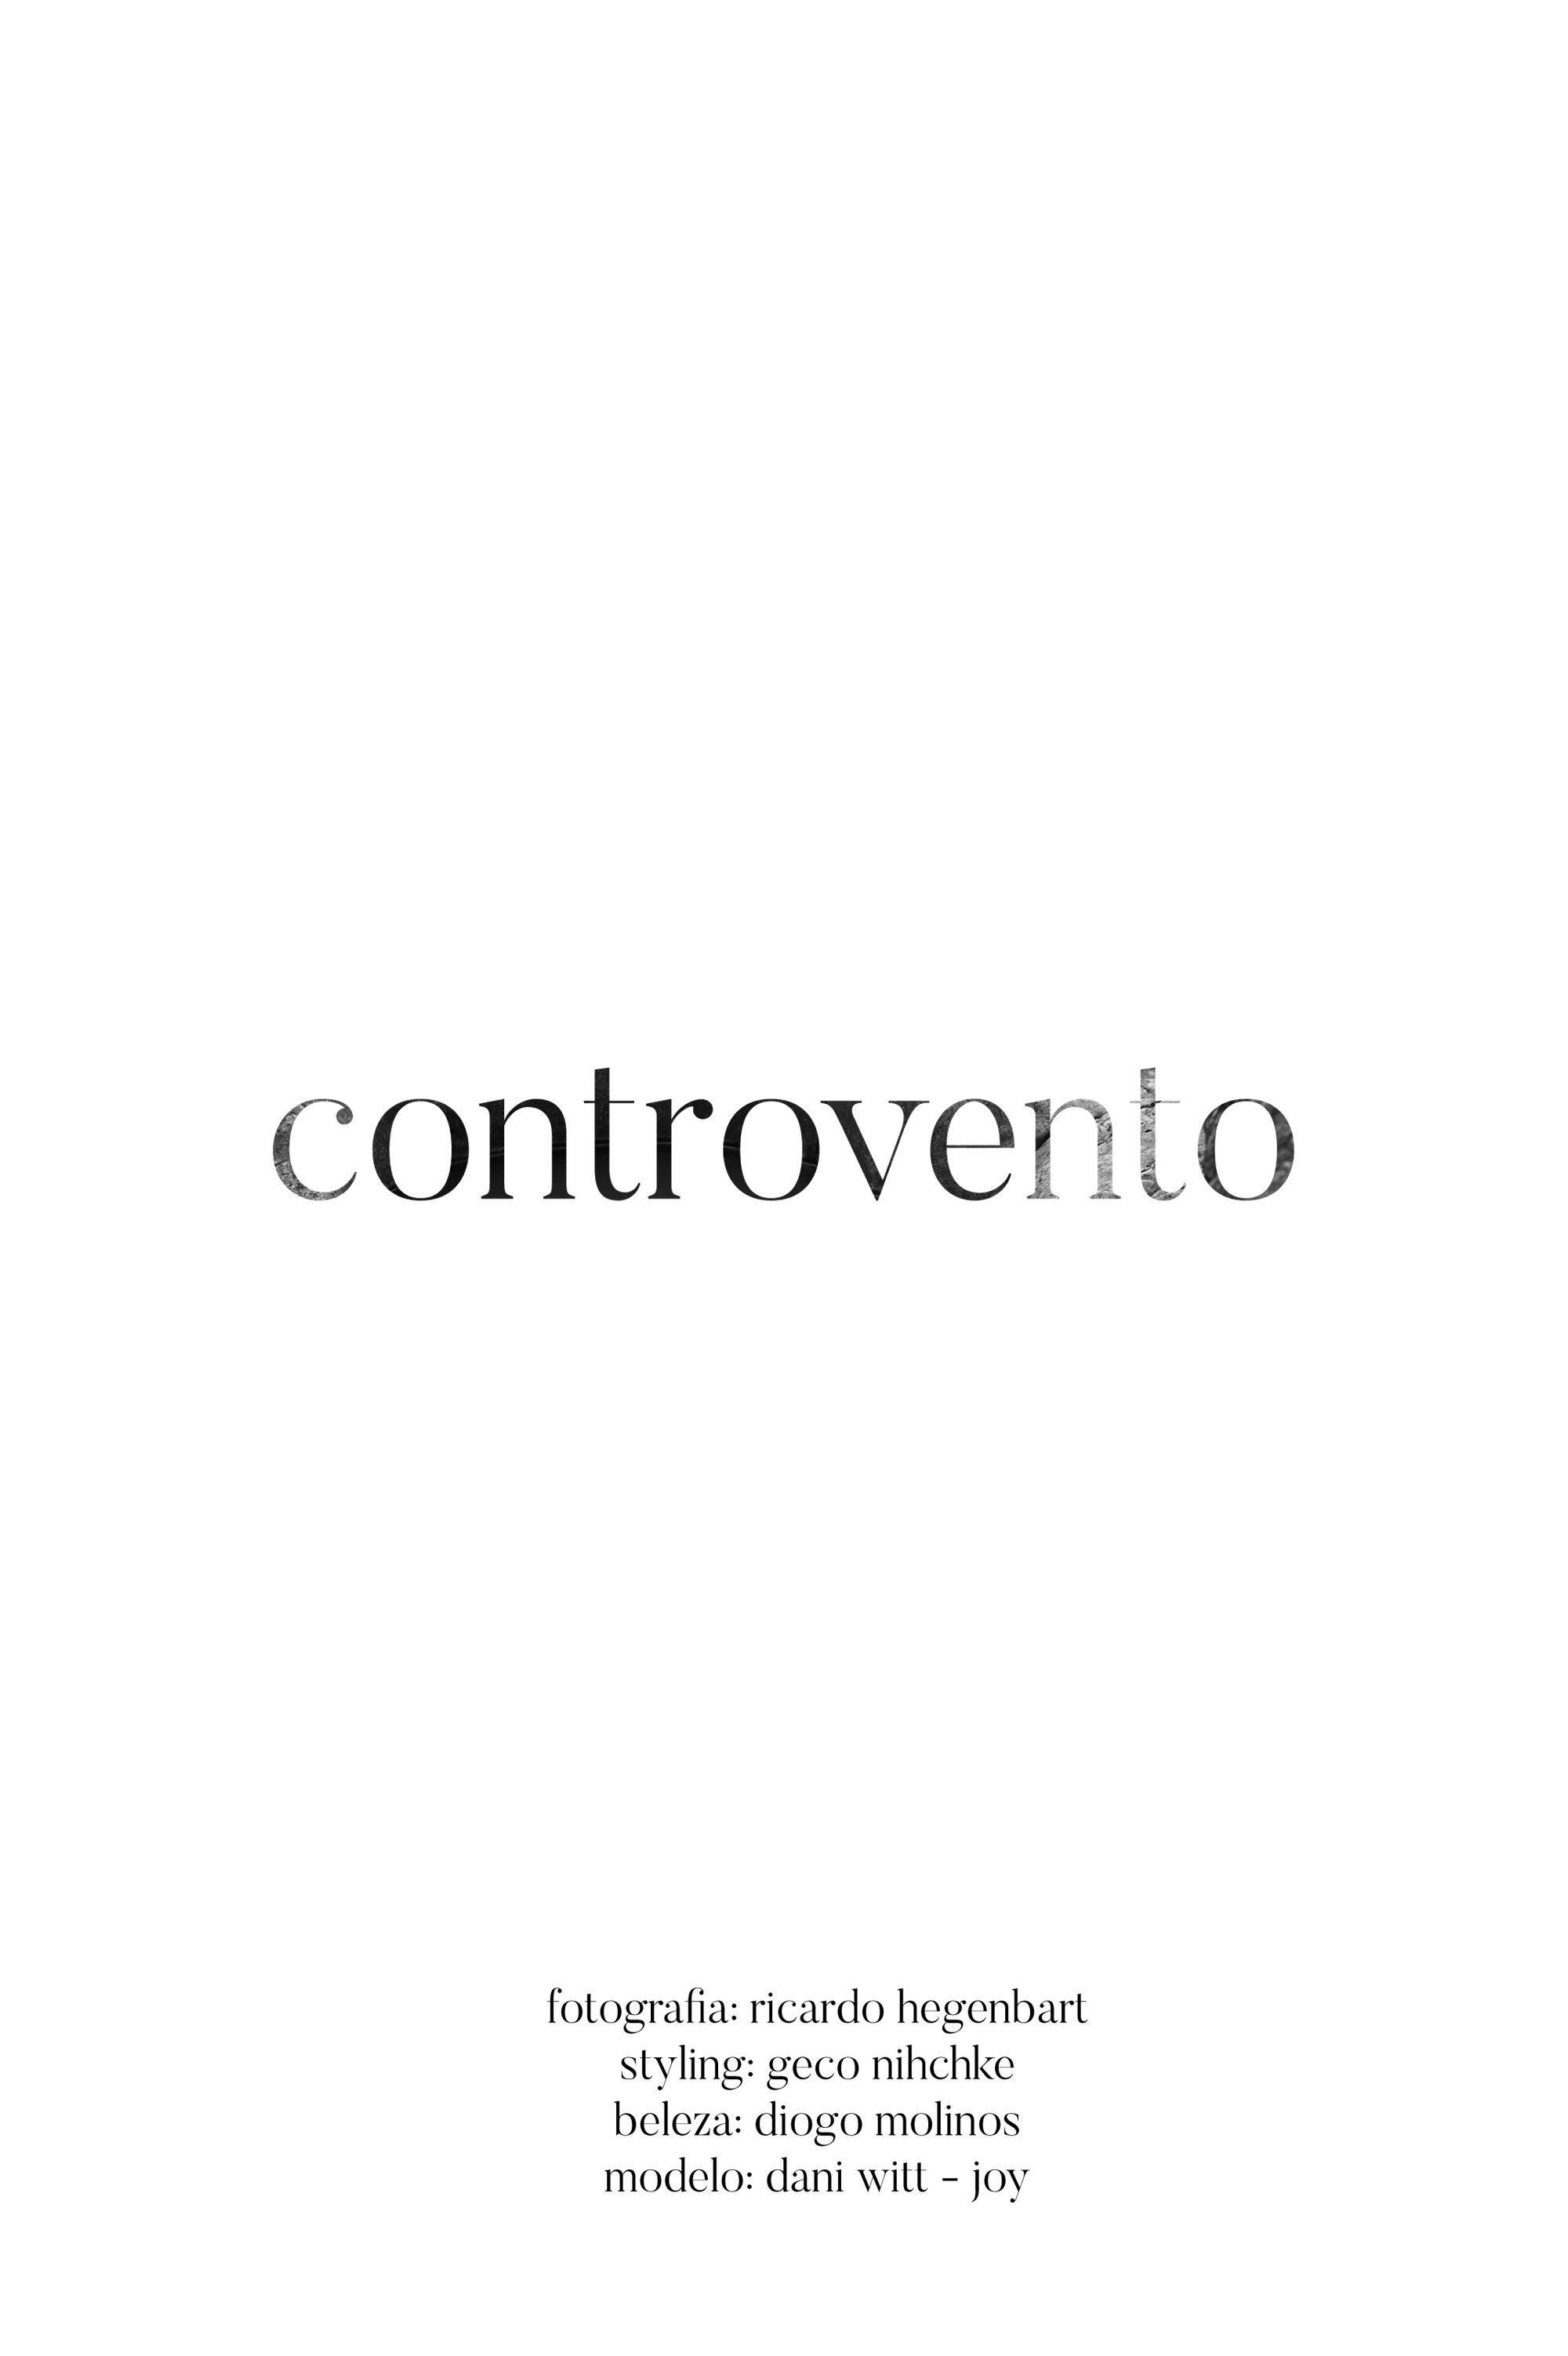 CONTROVENTO_RICARDO_HEGENBART_01.jpg